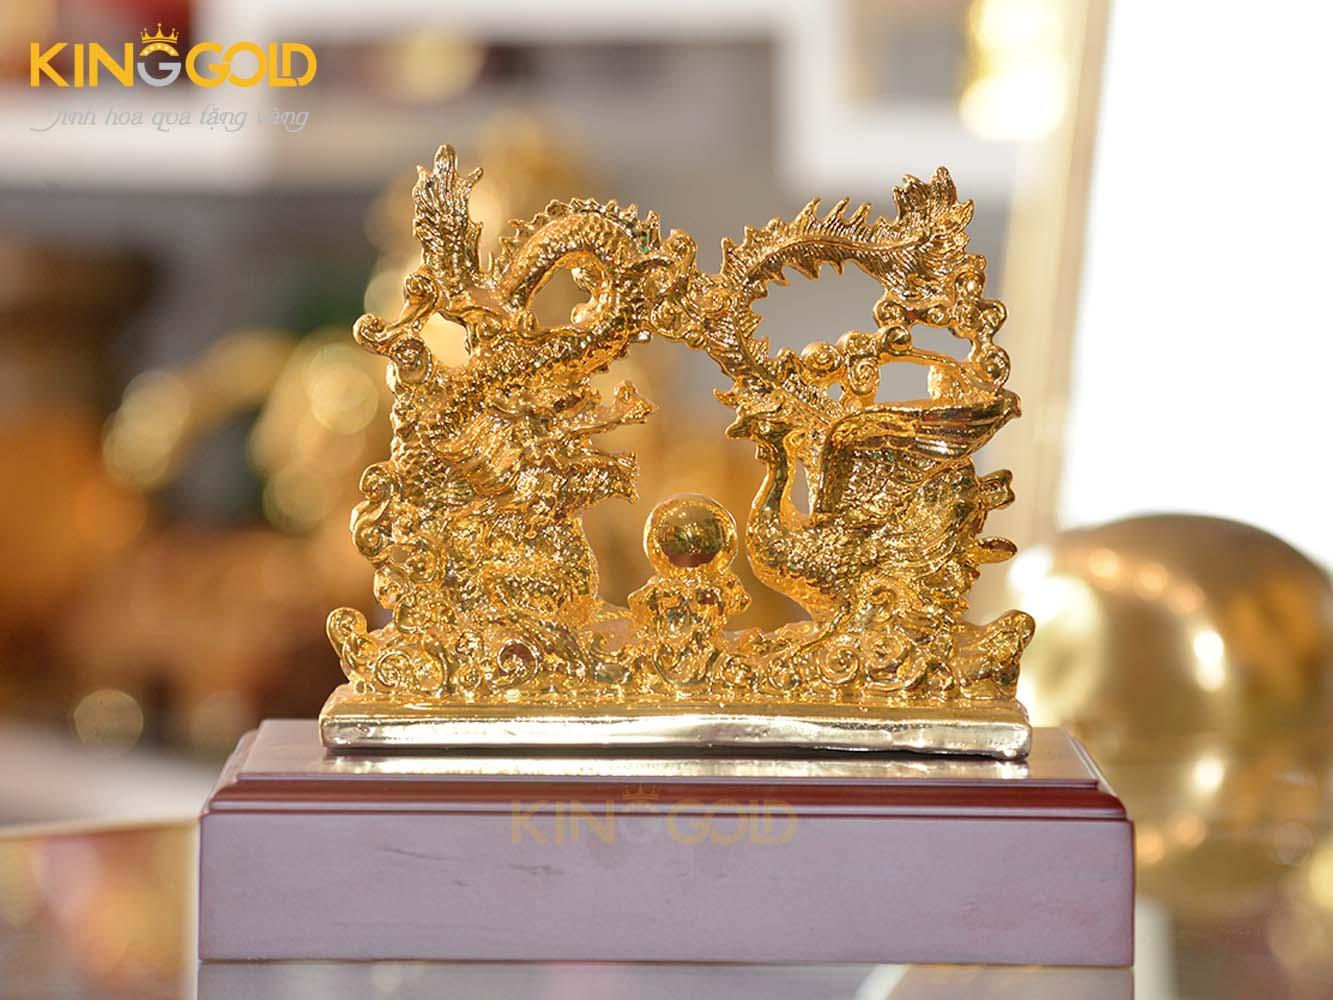 Tượng rồng phượng bằng đồng mạ vàng làm quà cưới ý nghĩa0